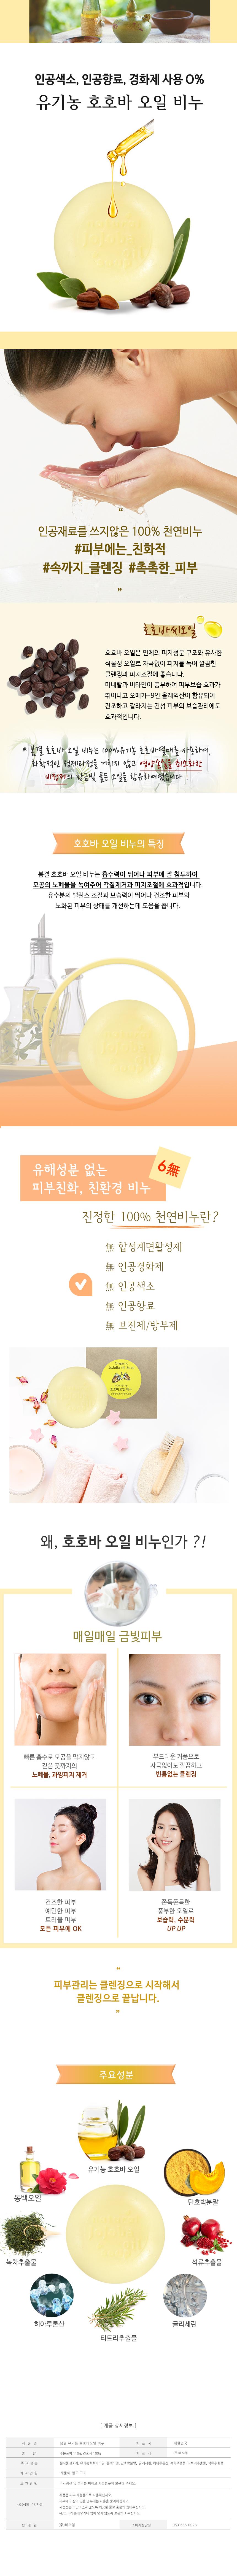 자극성분 없는 봄결 유기농 호호바 오일 비누 1개 - 봄결, 3,500원, 클렌징, 비누